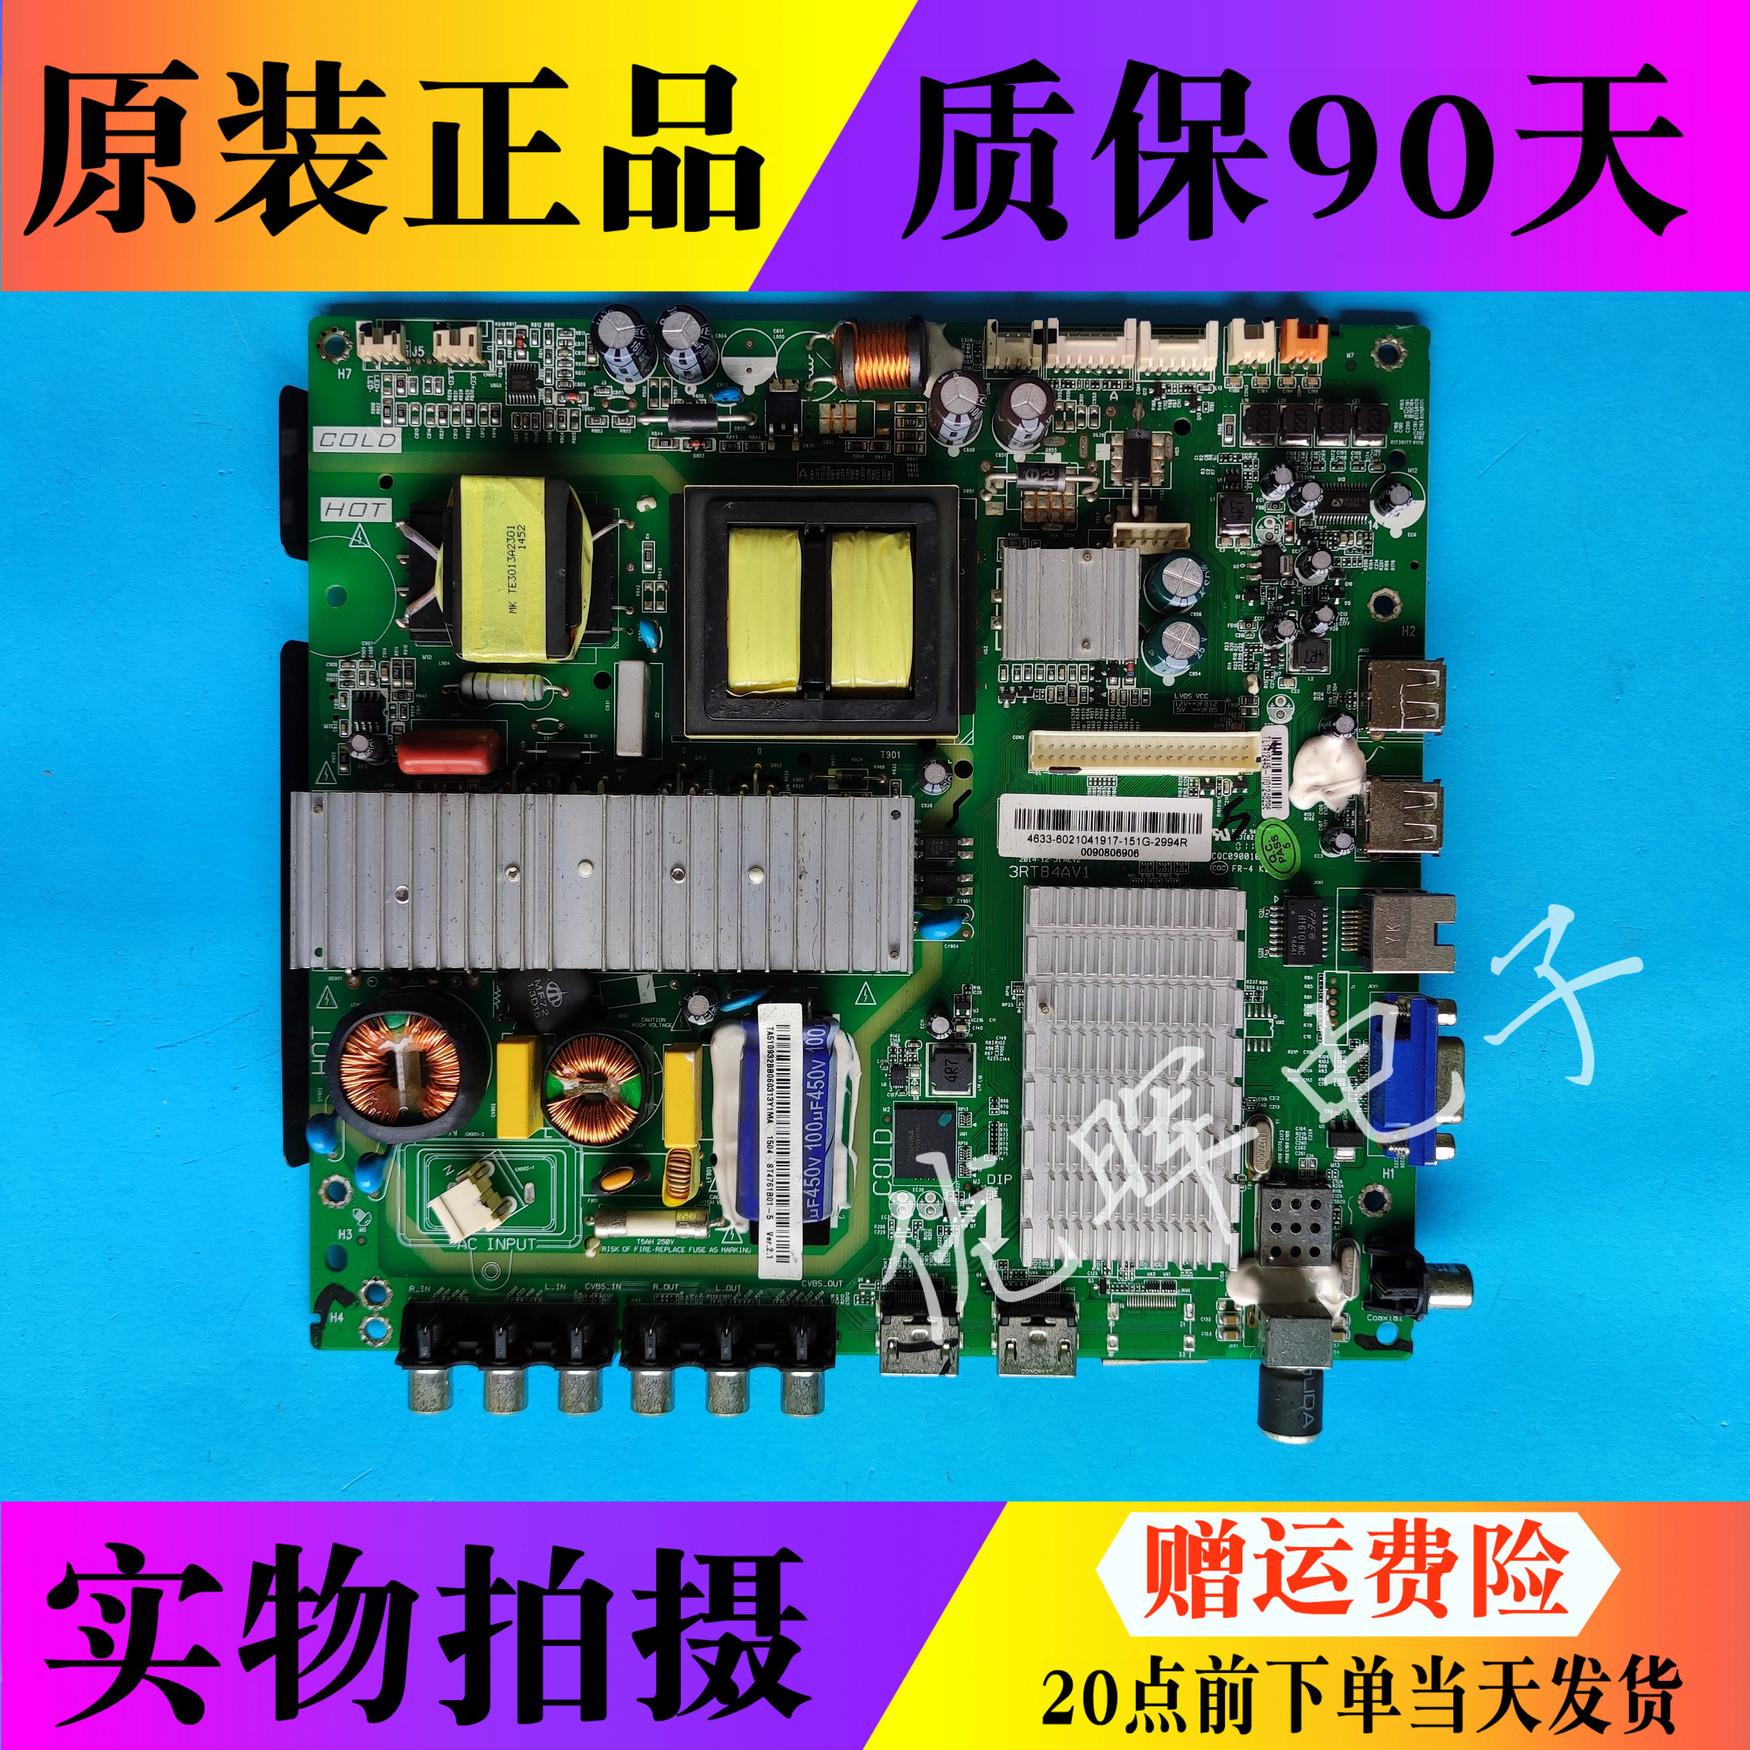 原装三洋48CE5120R1 主板3RT84AV1 3RTB4AV1 屏HK480WLEDM-EH27H